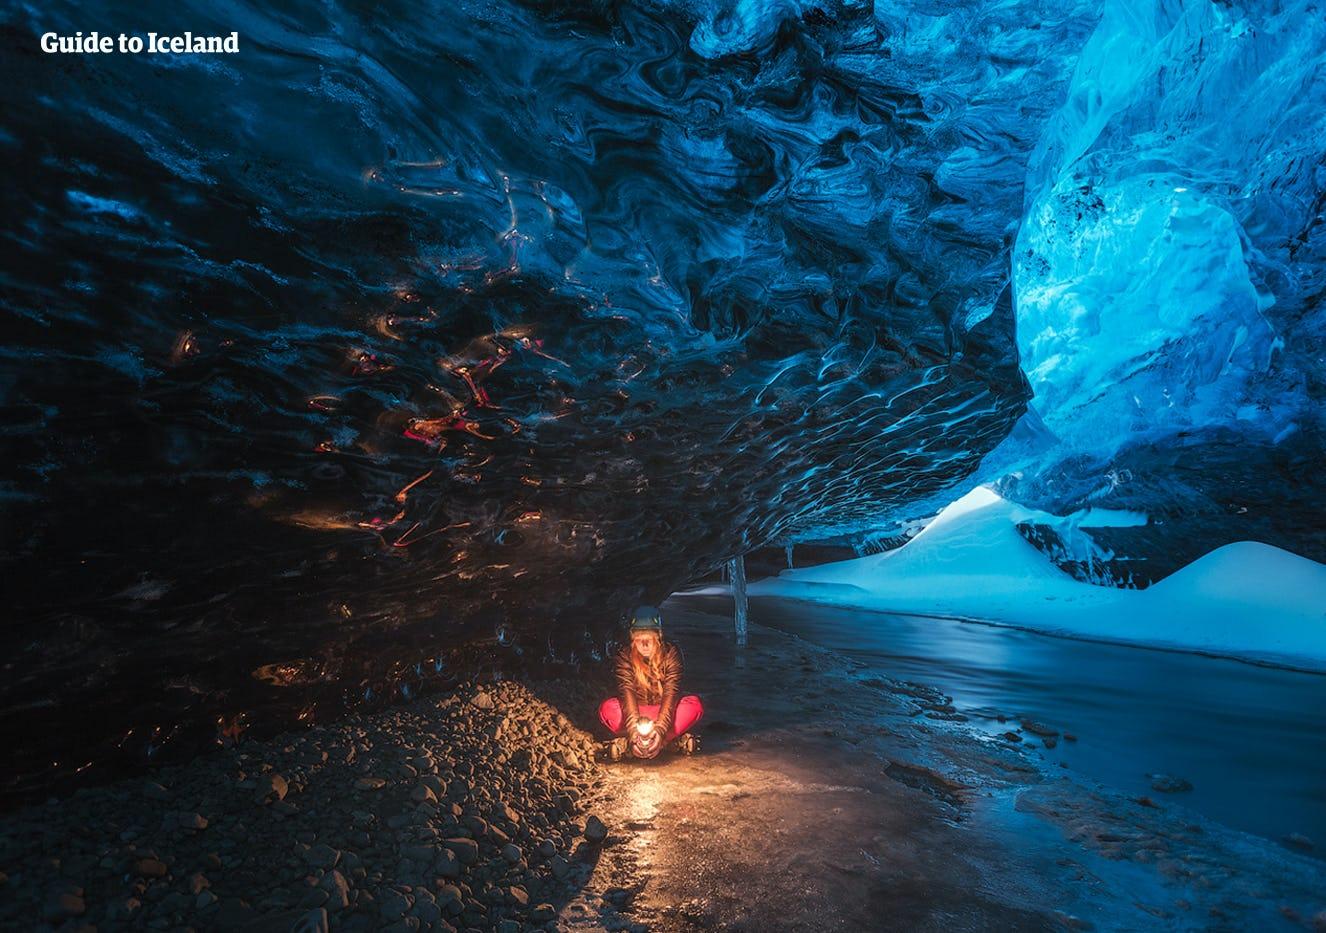 Explorar una cueva de hielo natural es una experiencia única que solo está disponible entre noviembre y marzo.